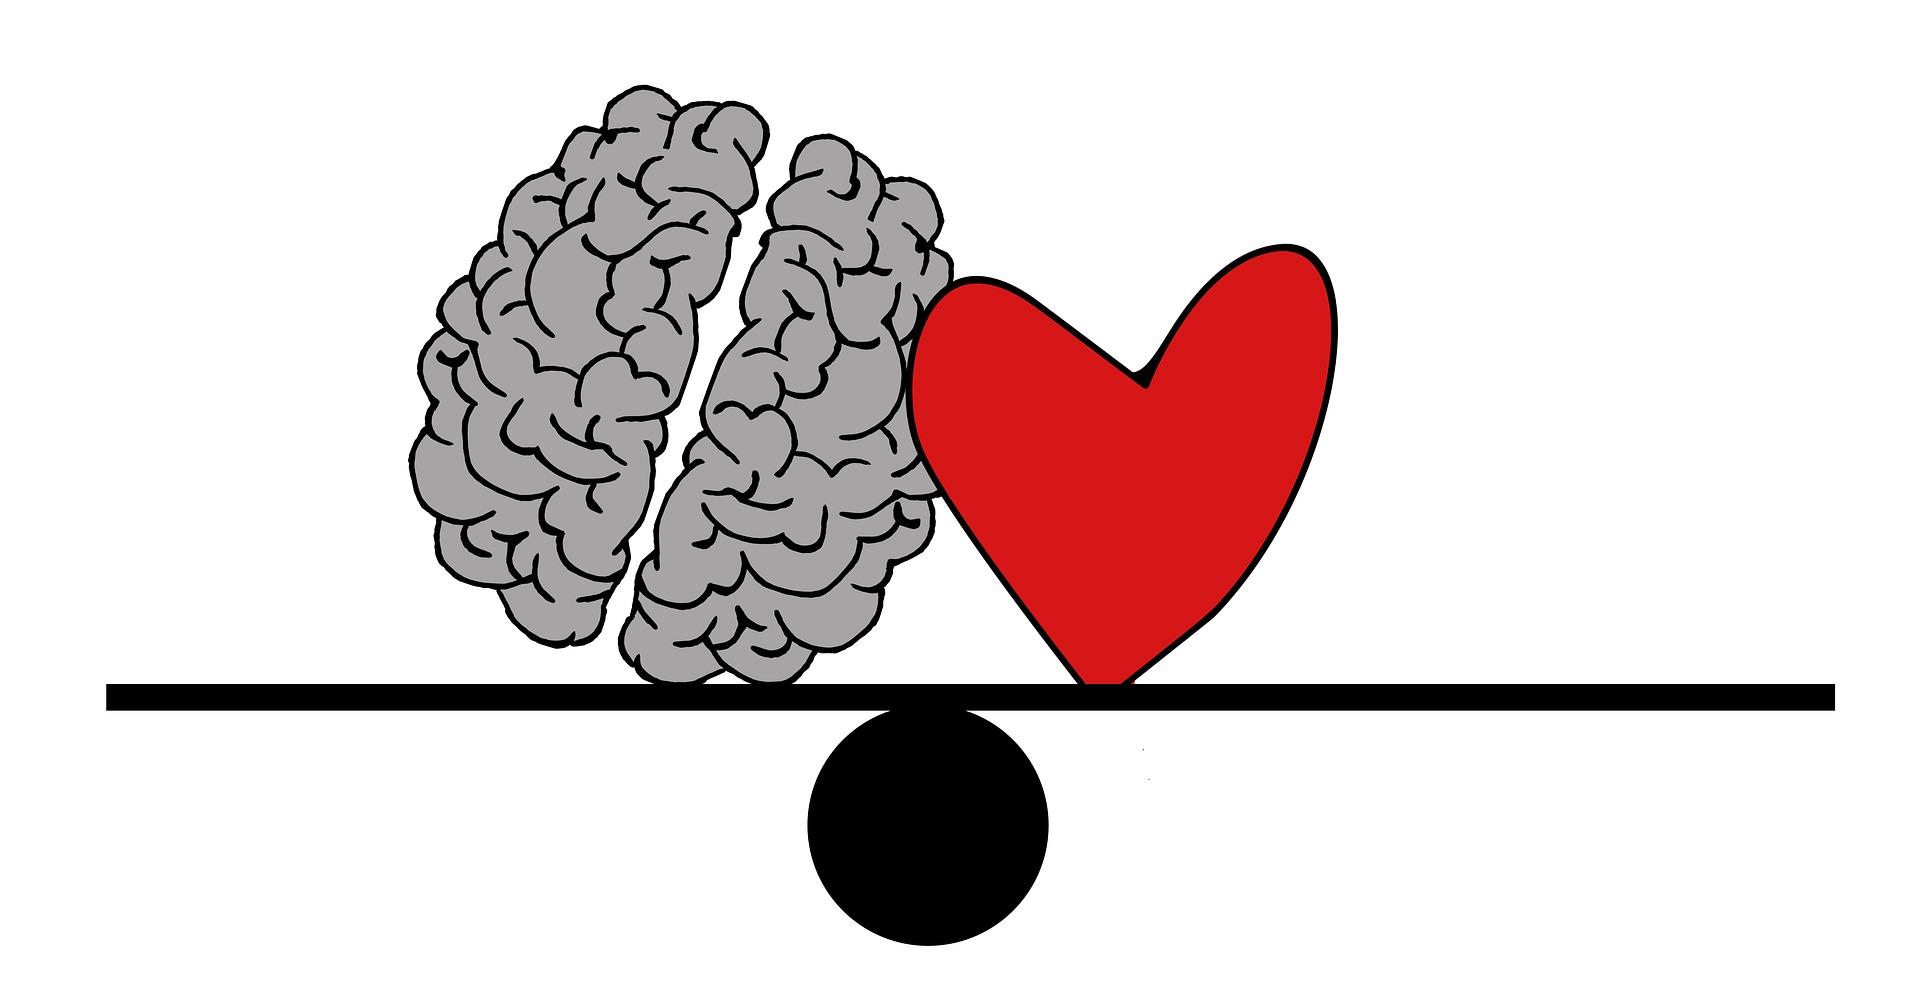 Hjerte og hjerne